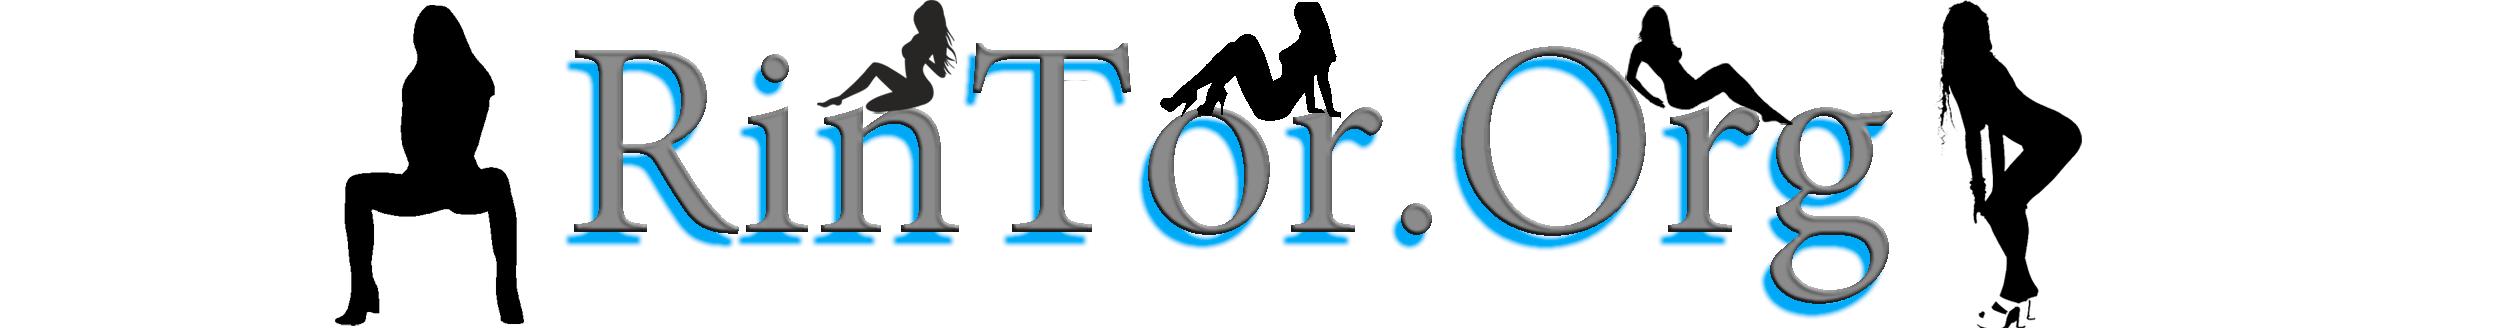 Порно Мультики Скачать Бесплатно Торент